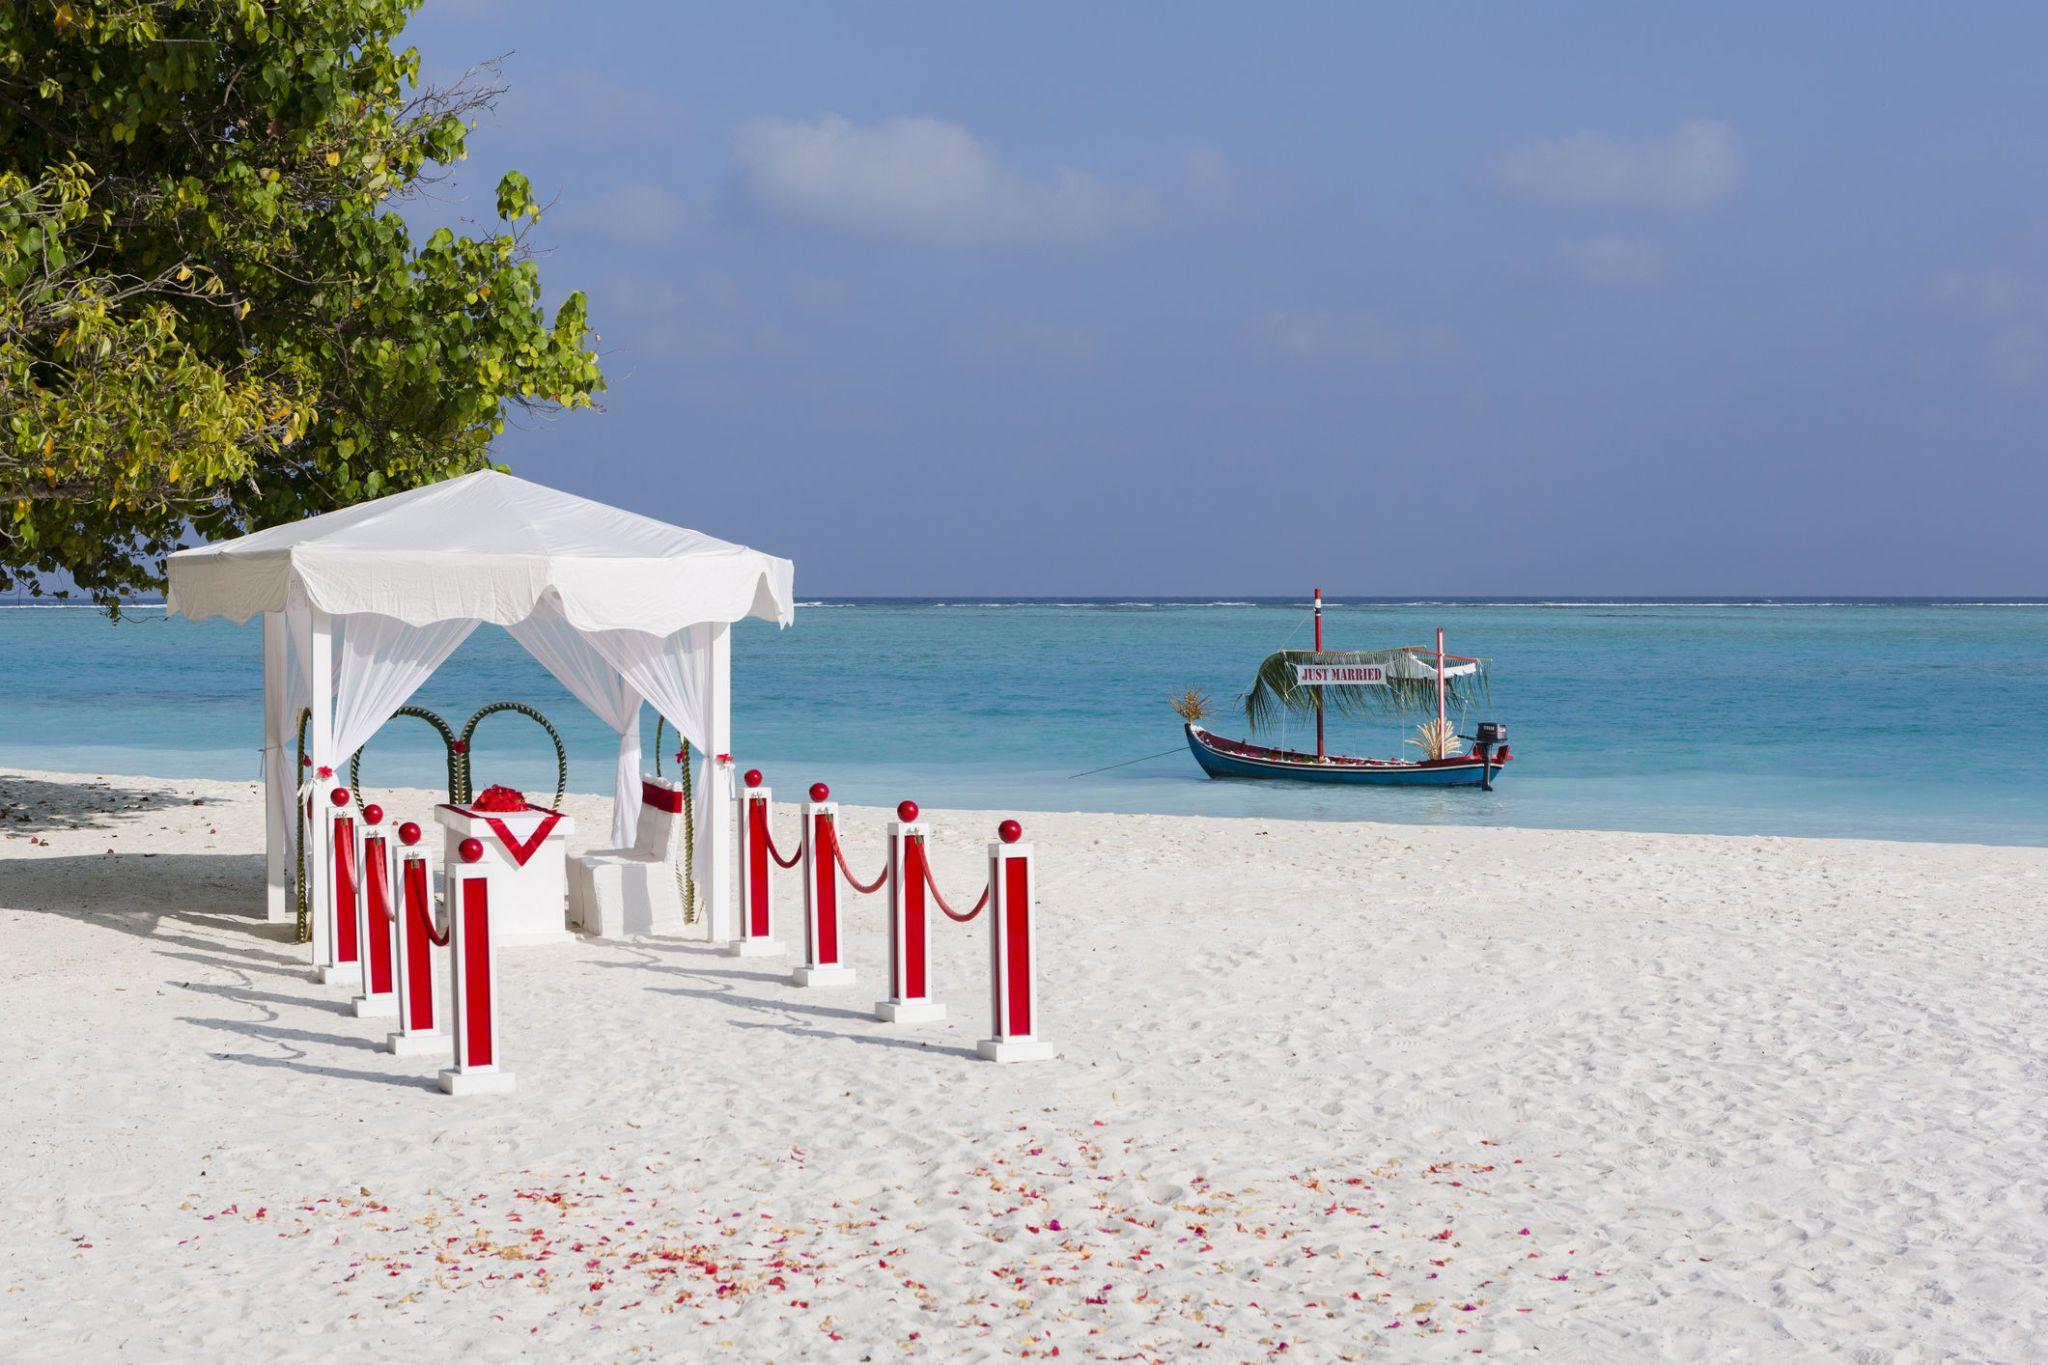 Matrimonio Sulla Spiaggia Economico : Matrimonio in spiaggia idee per organizzare un evento favoloso